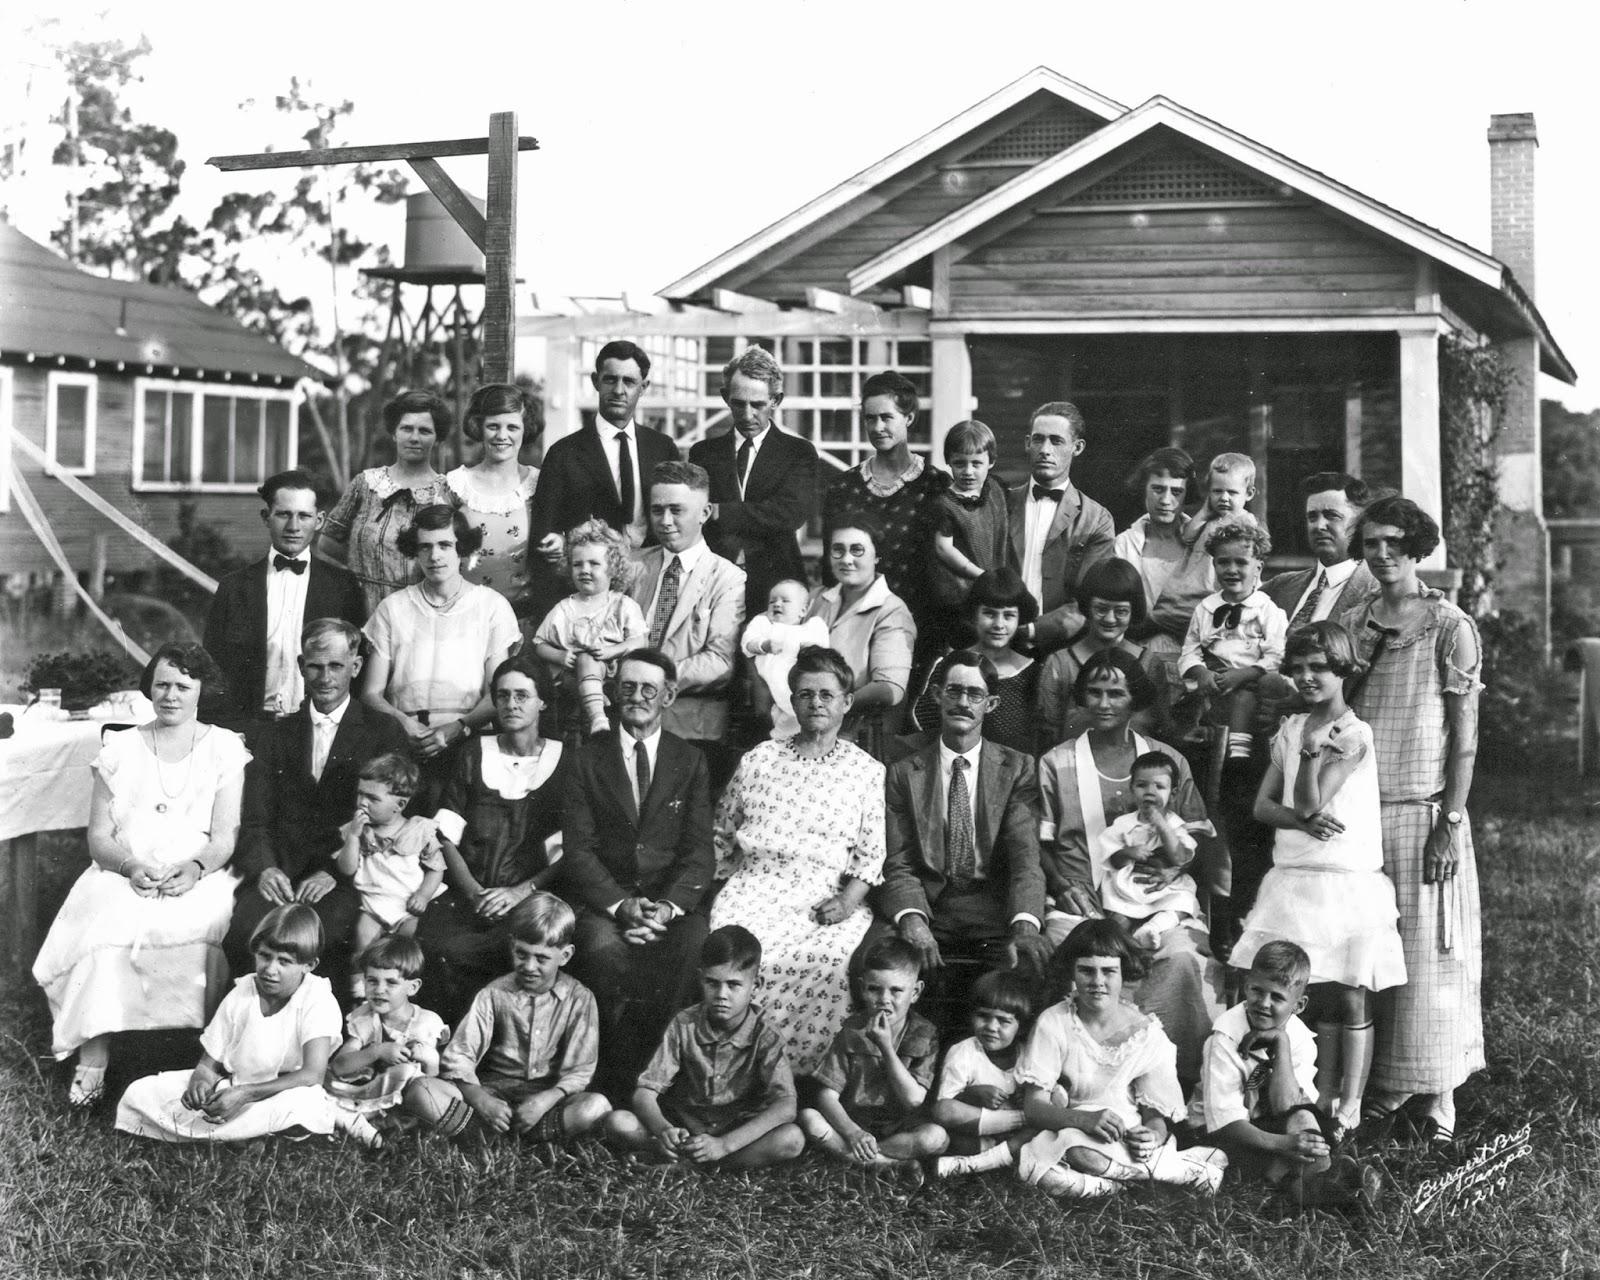 WILLIAM P. NEELD FAMILY PORTRAIT 1924